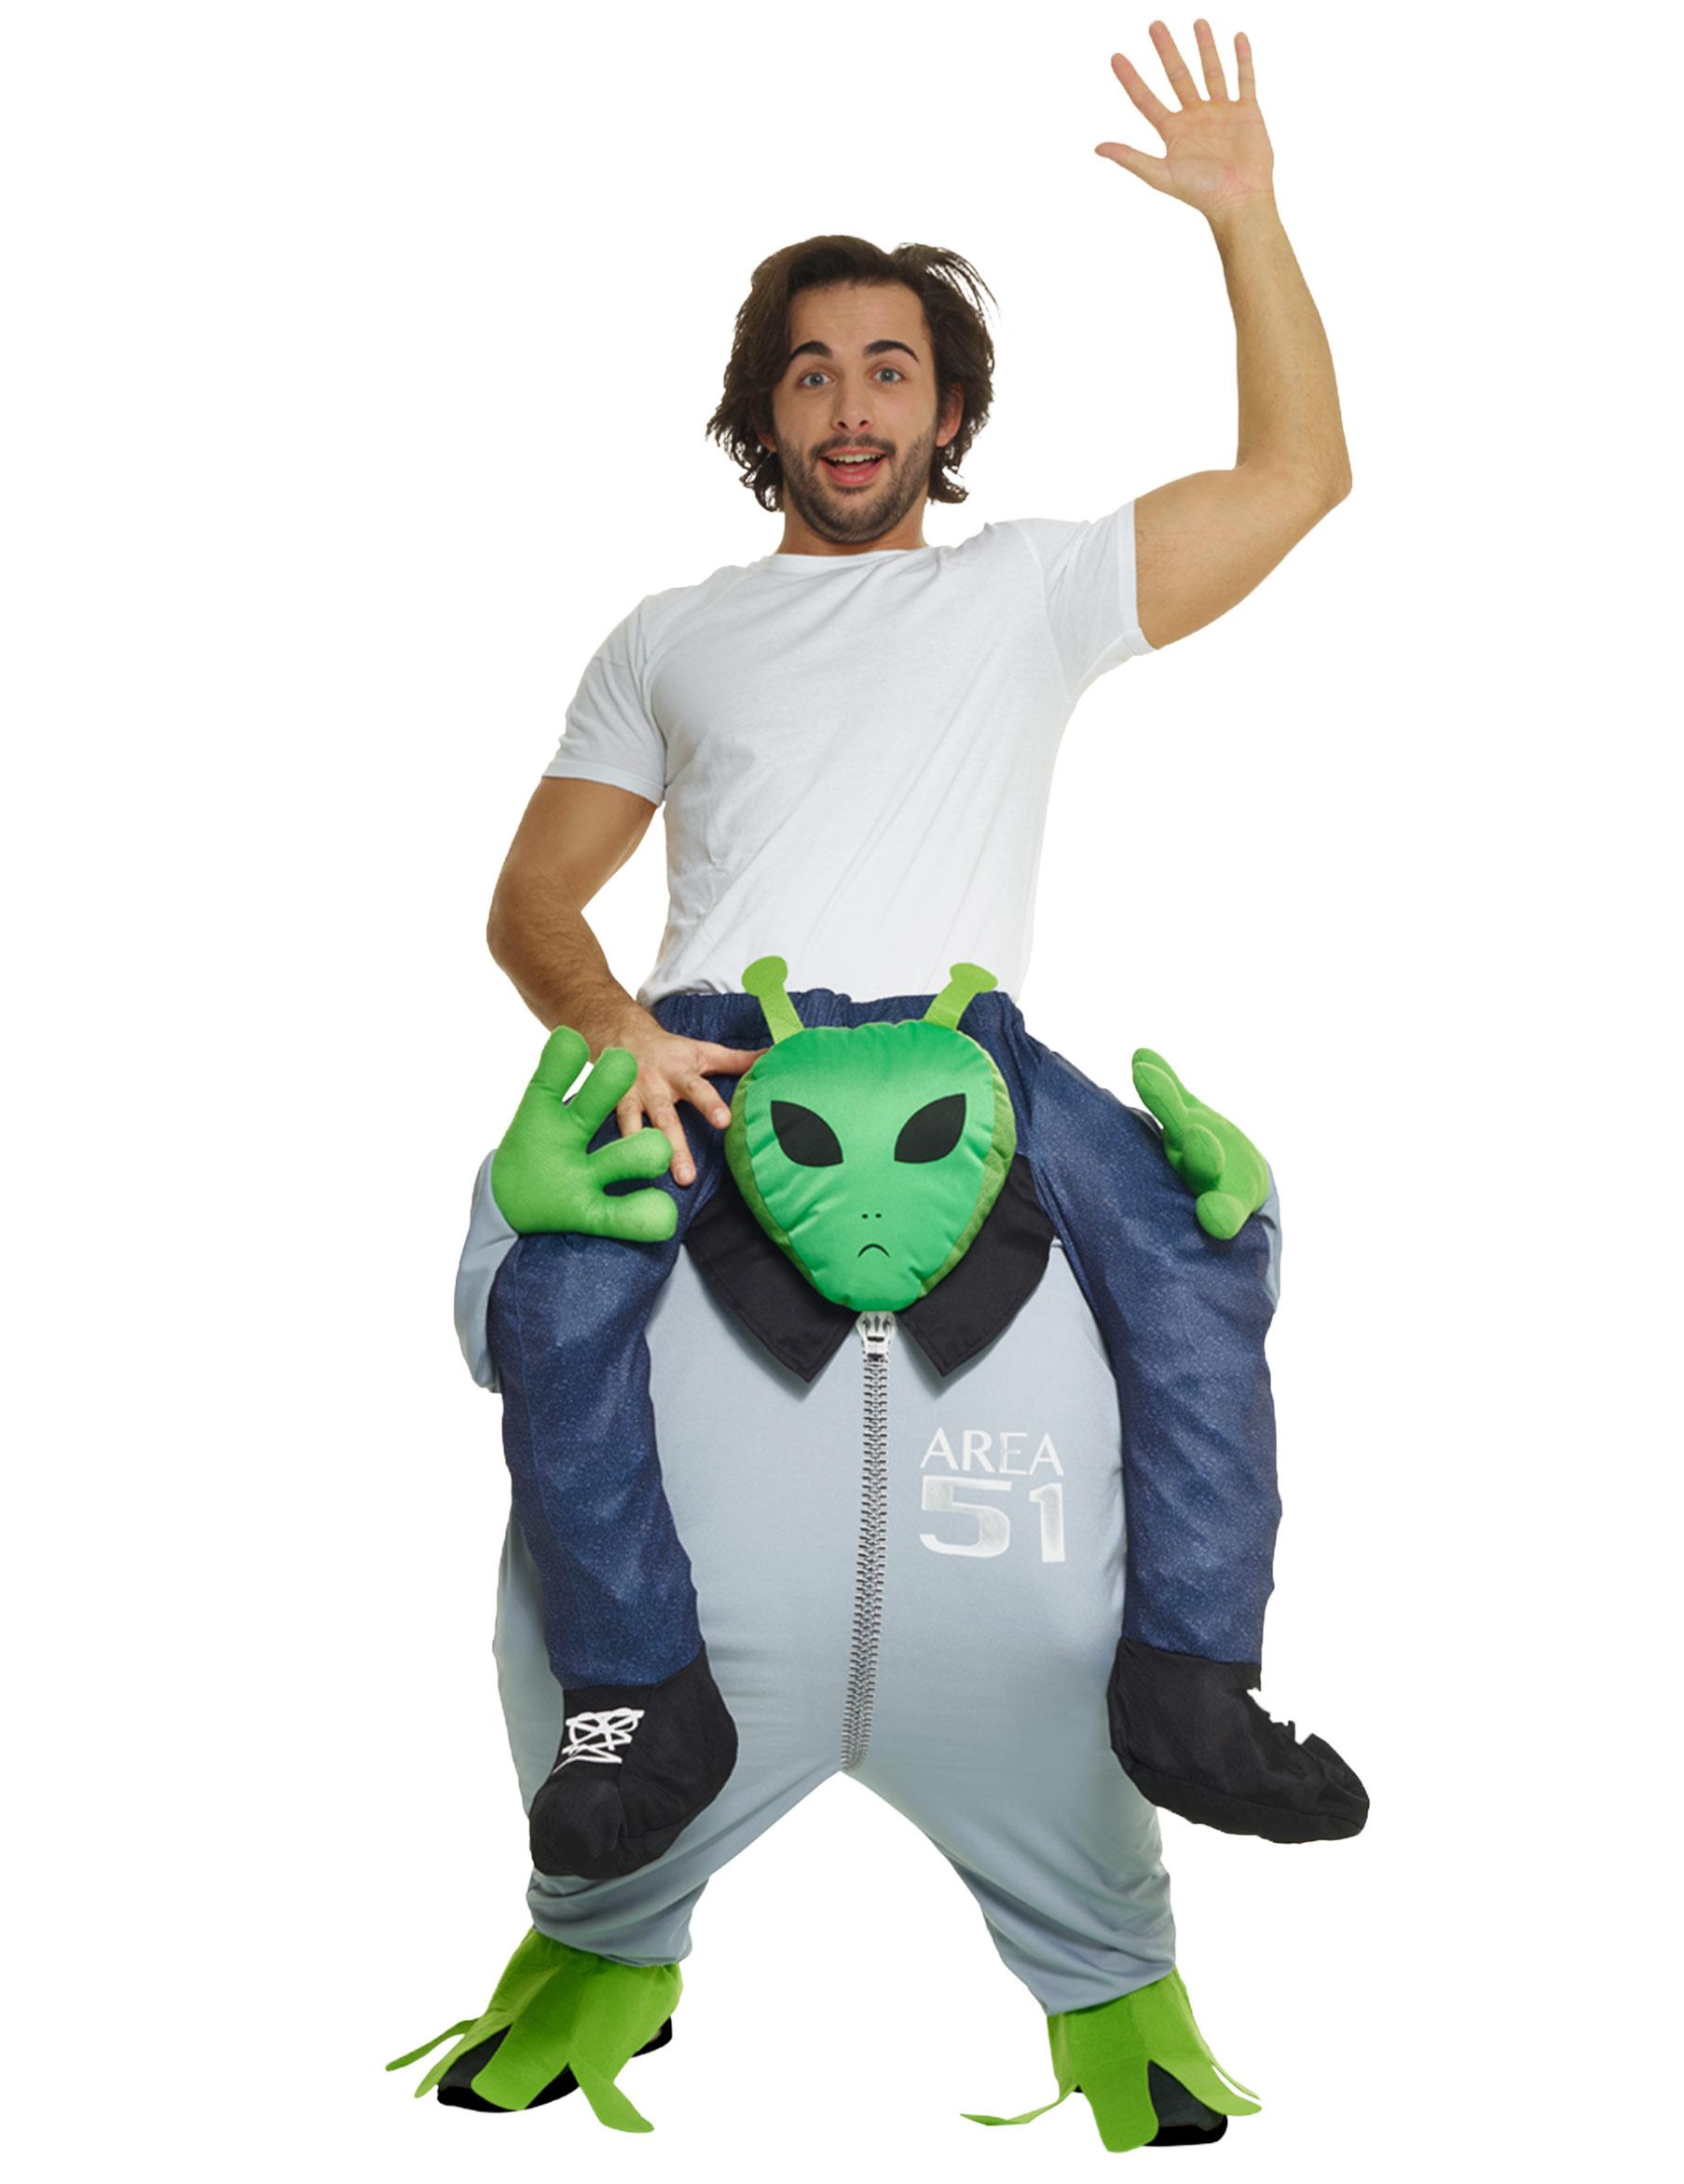 d guisement homme dos d 39 alien adulte morphsuits deguise toi achat de d guisements adultes. Black Bedroom Furniture Sets. Home Design Ideas